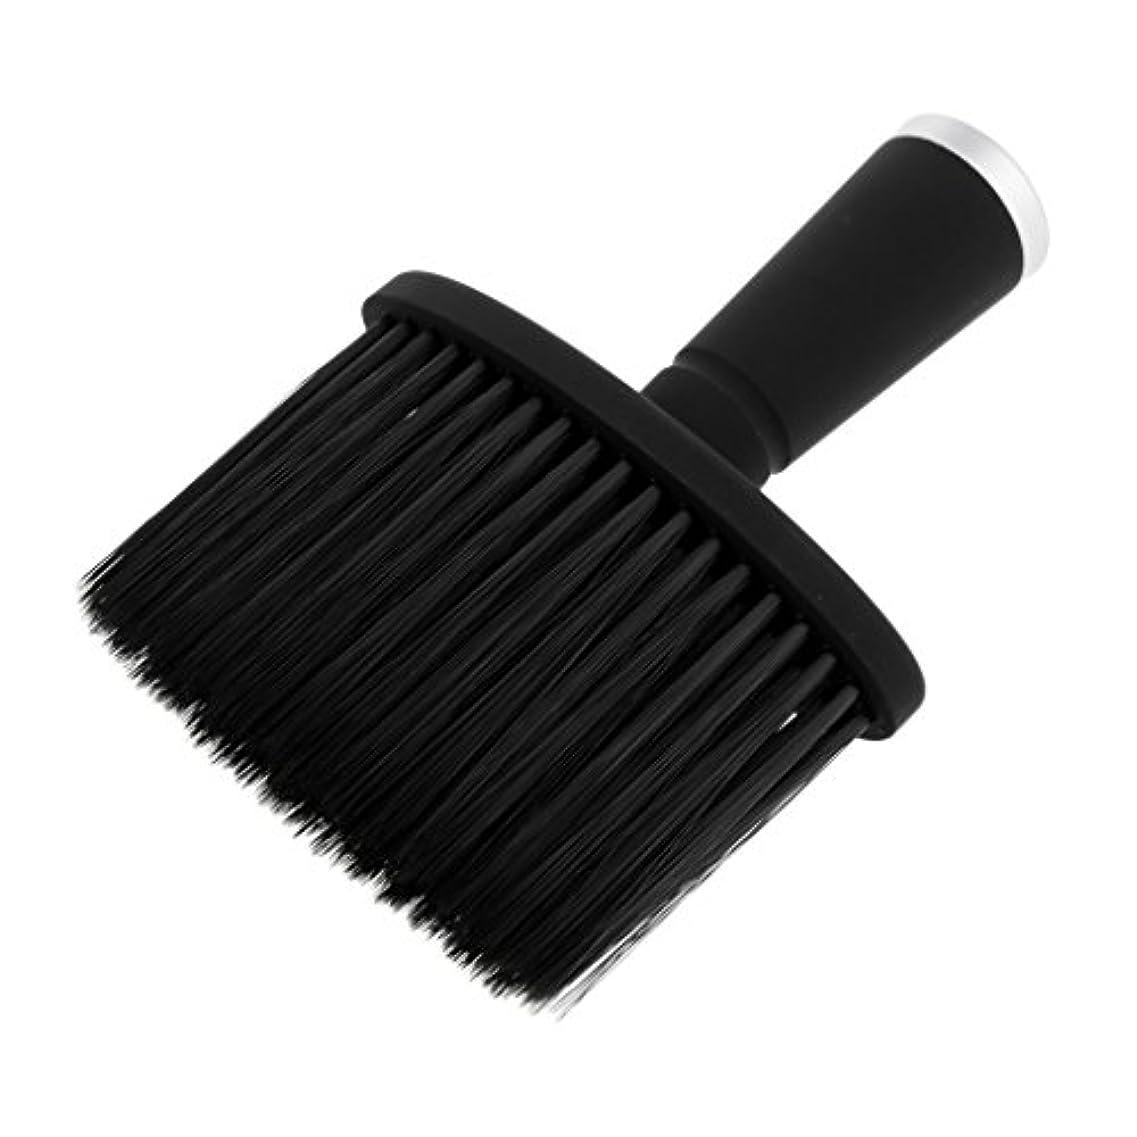 完全に乾くやさしい雪だるまソフトネックダスターブラシサロンのためのスタイリストの理髪髪ヘアカットメイクツール - 銀